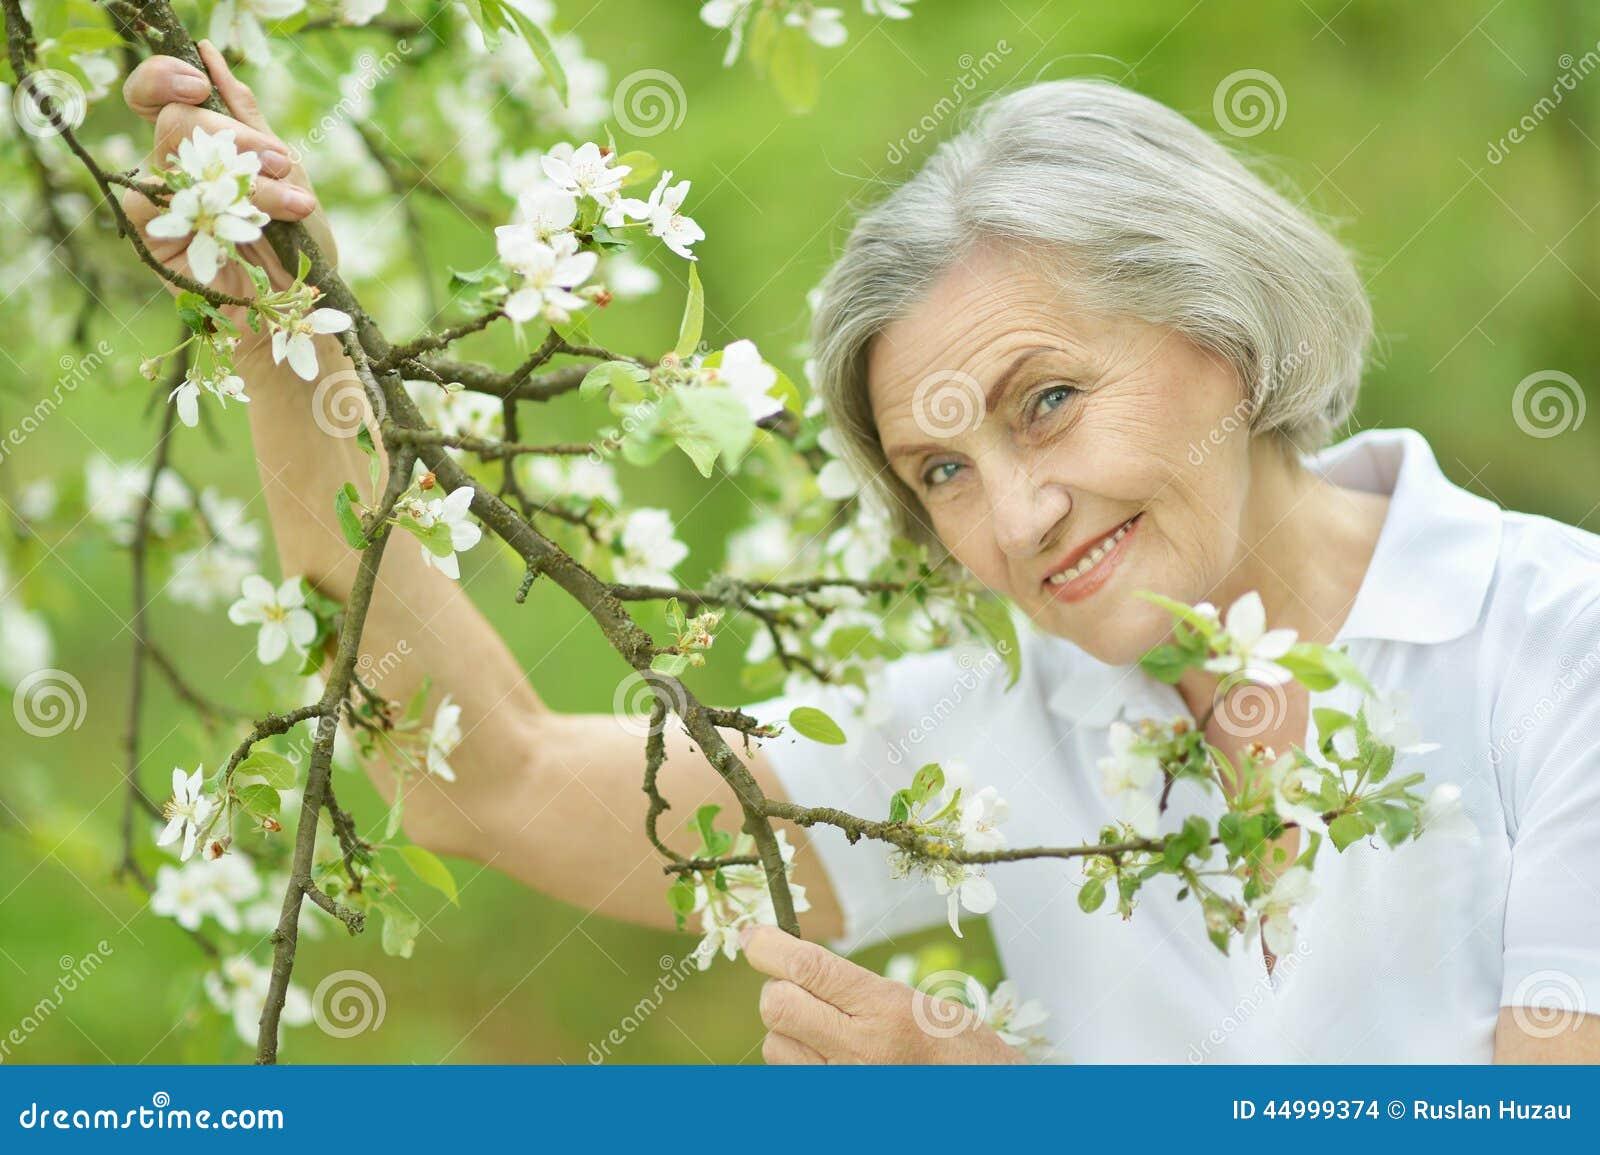 Фото на природе зрелых женщин 20 фотография